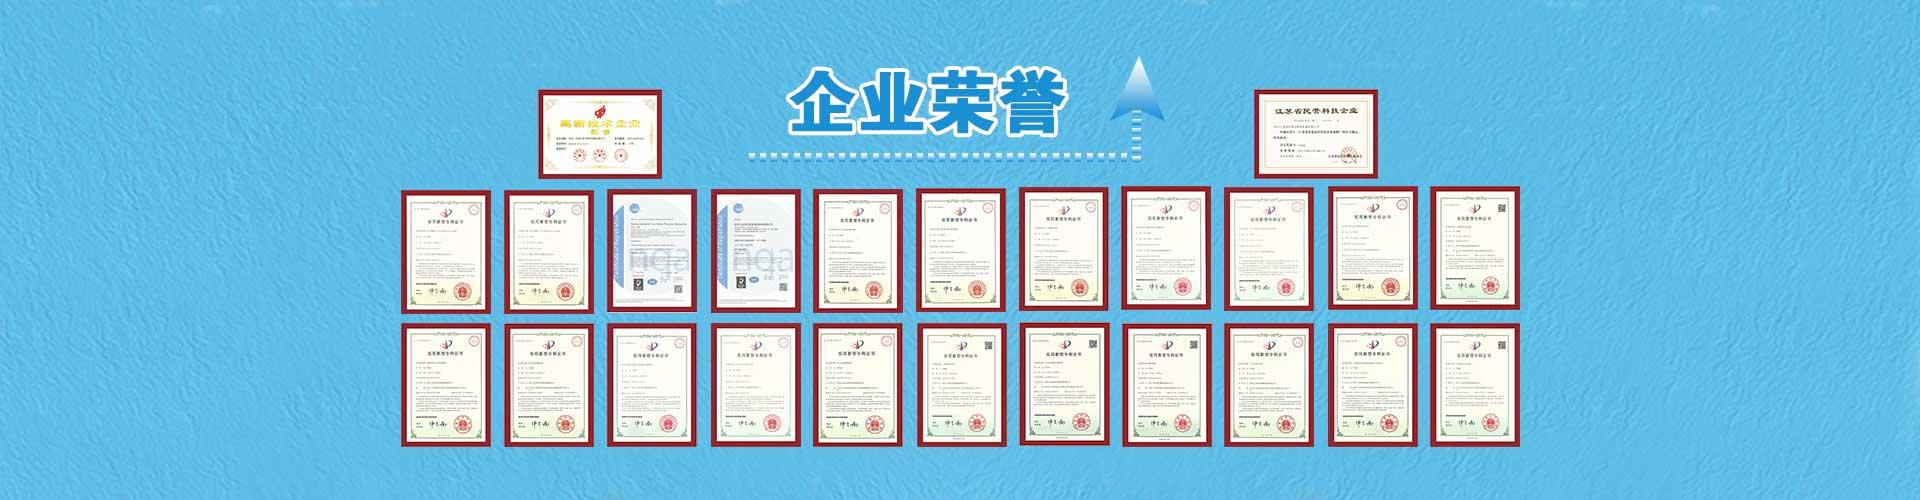 嘉宝自动锁螺丝机企业荣誉证书图